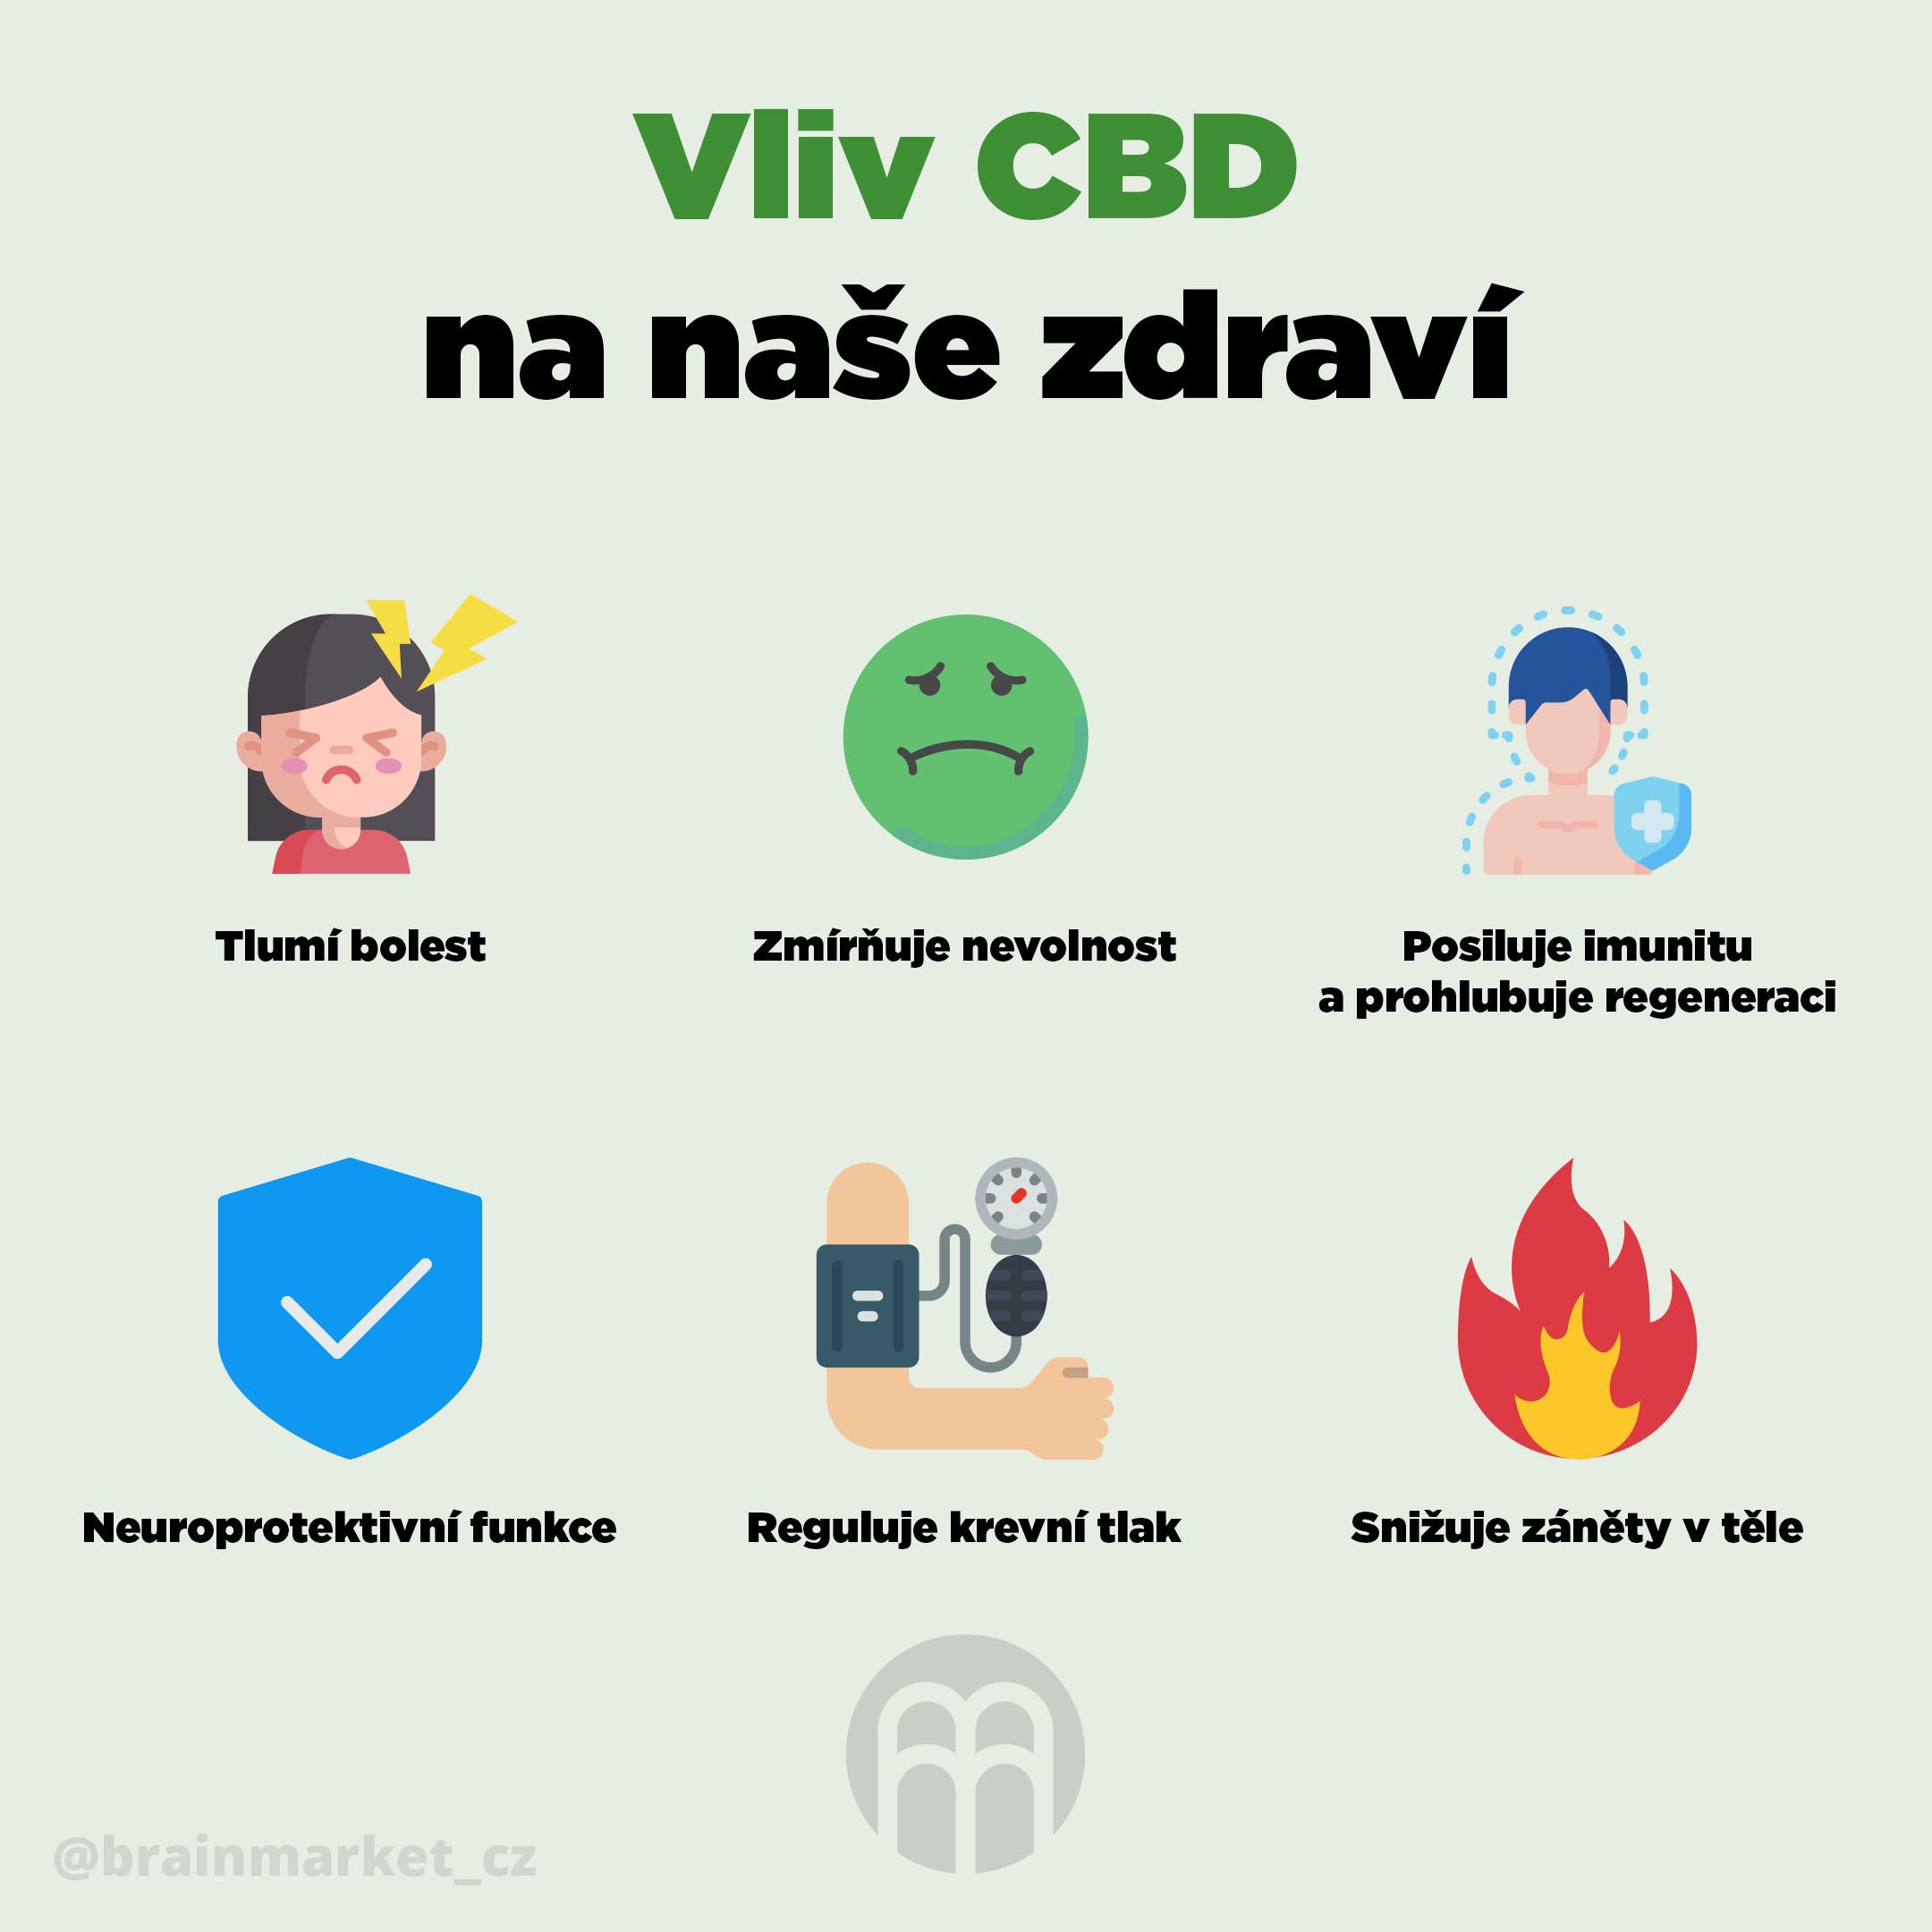 vliv_CBD_na_nase_zdravi_infografika_brainmarket_CZ